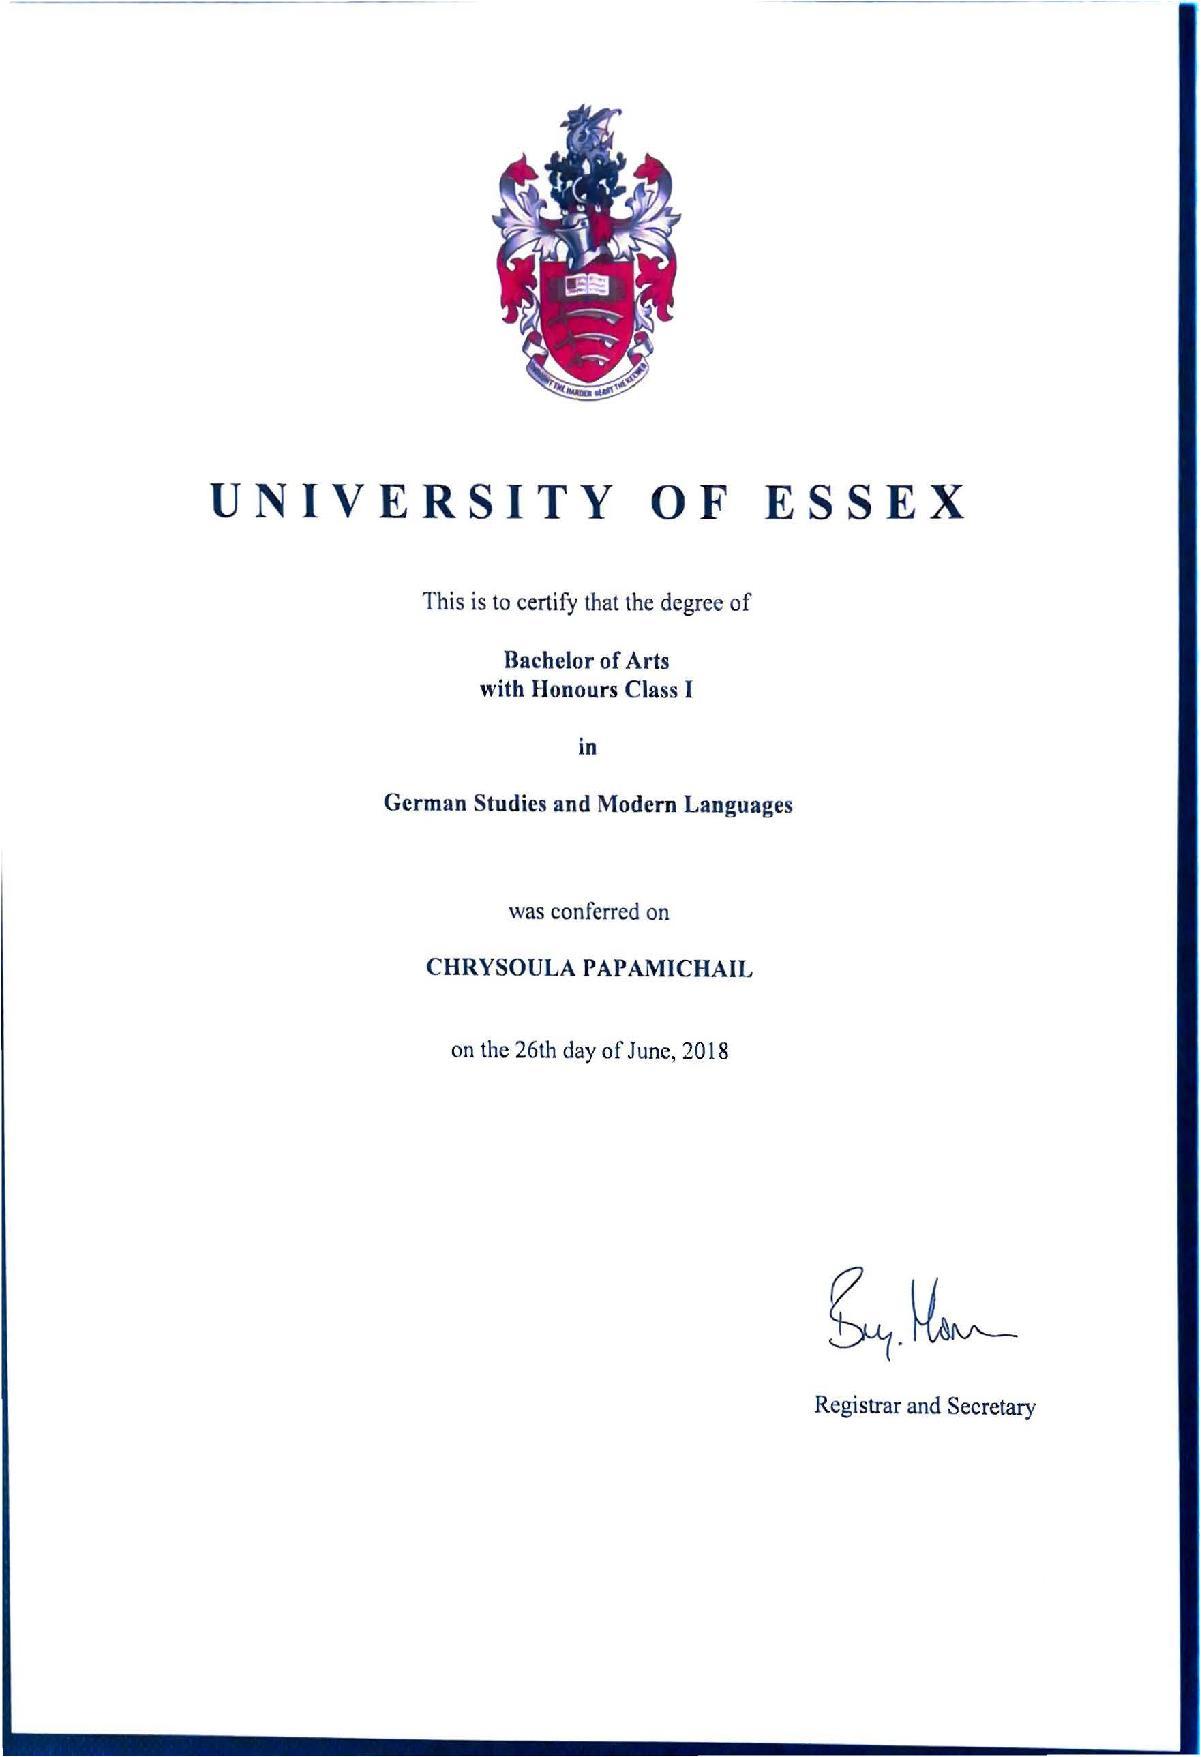 Πρώτη στο Πανεπιστήμιο του Essex η Χρύσούλα Παπαμιχαήλ από τα Ψαχνά 5